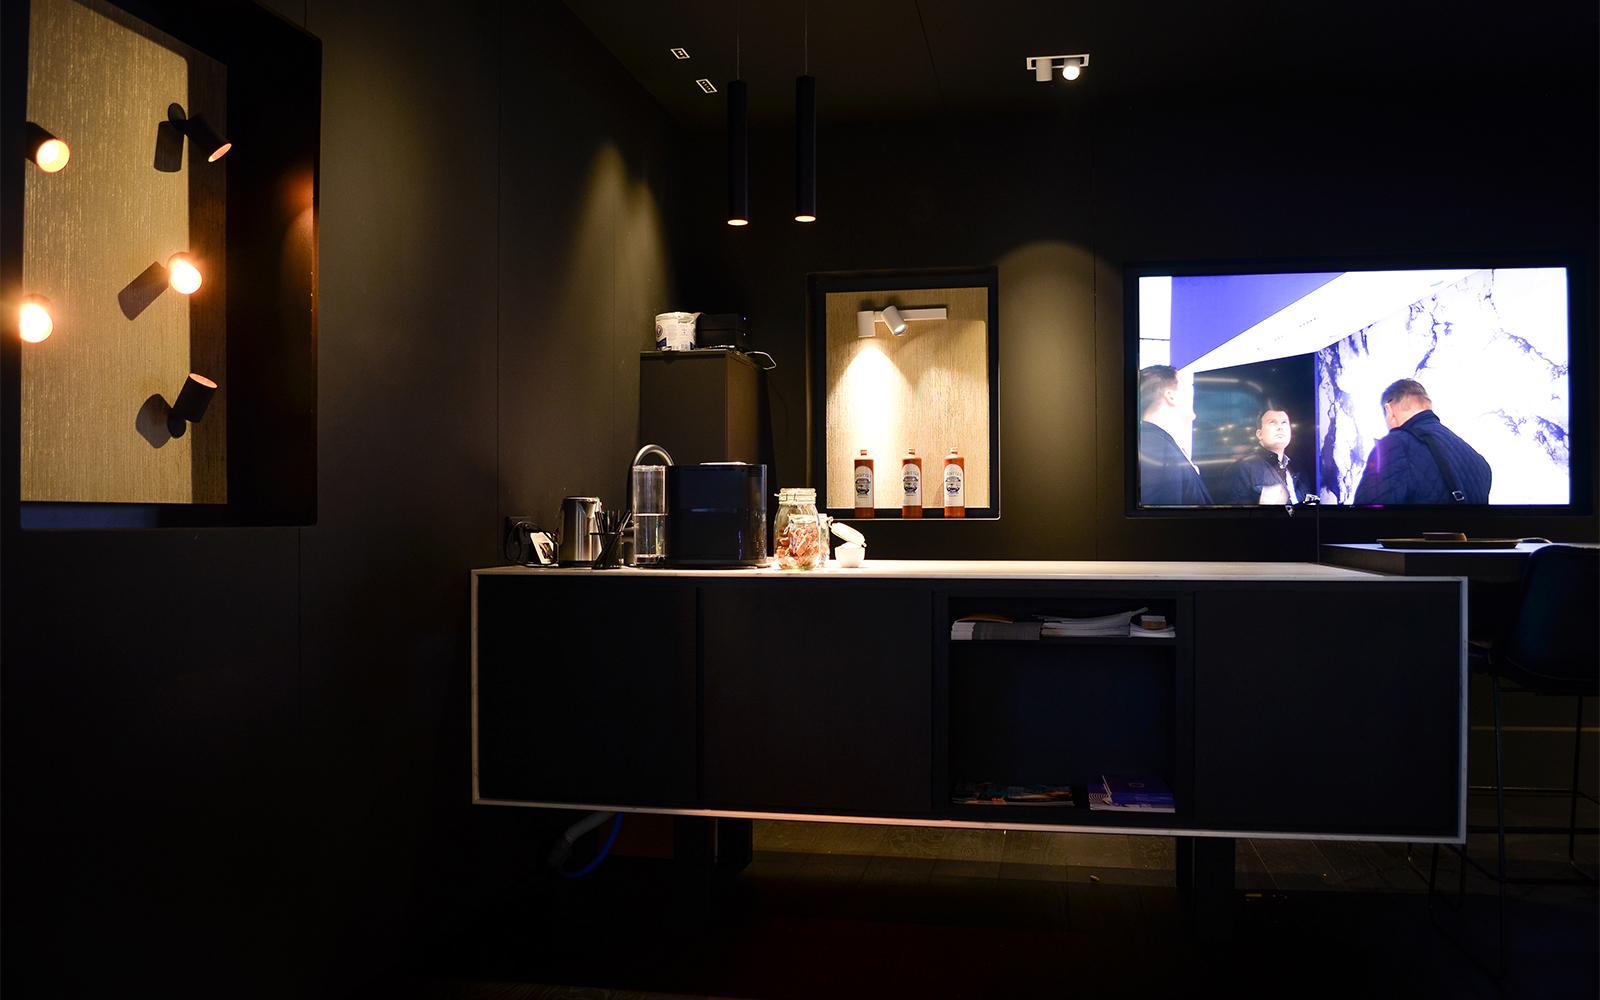 Lichtplan op maat, Orbit Lighting, The Art of Living Event, Design verlichting, Verlichting, Lichtplan, Stand, Event